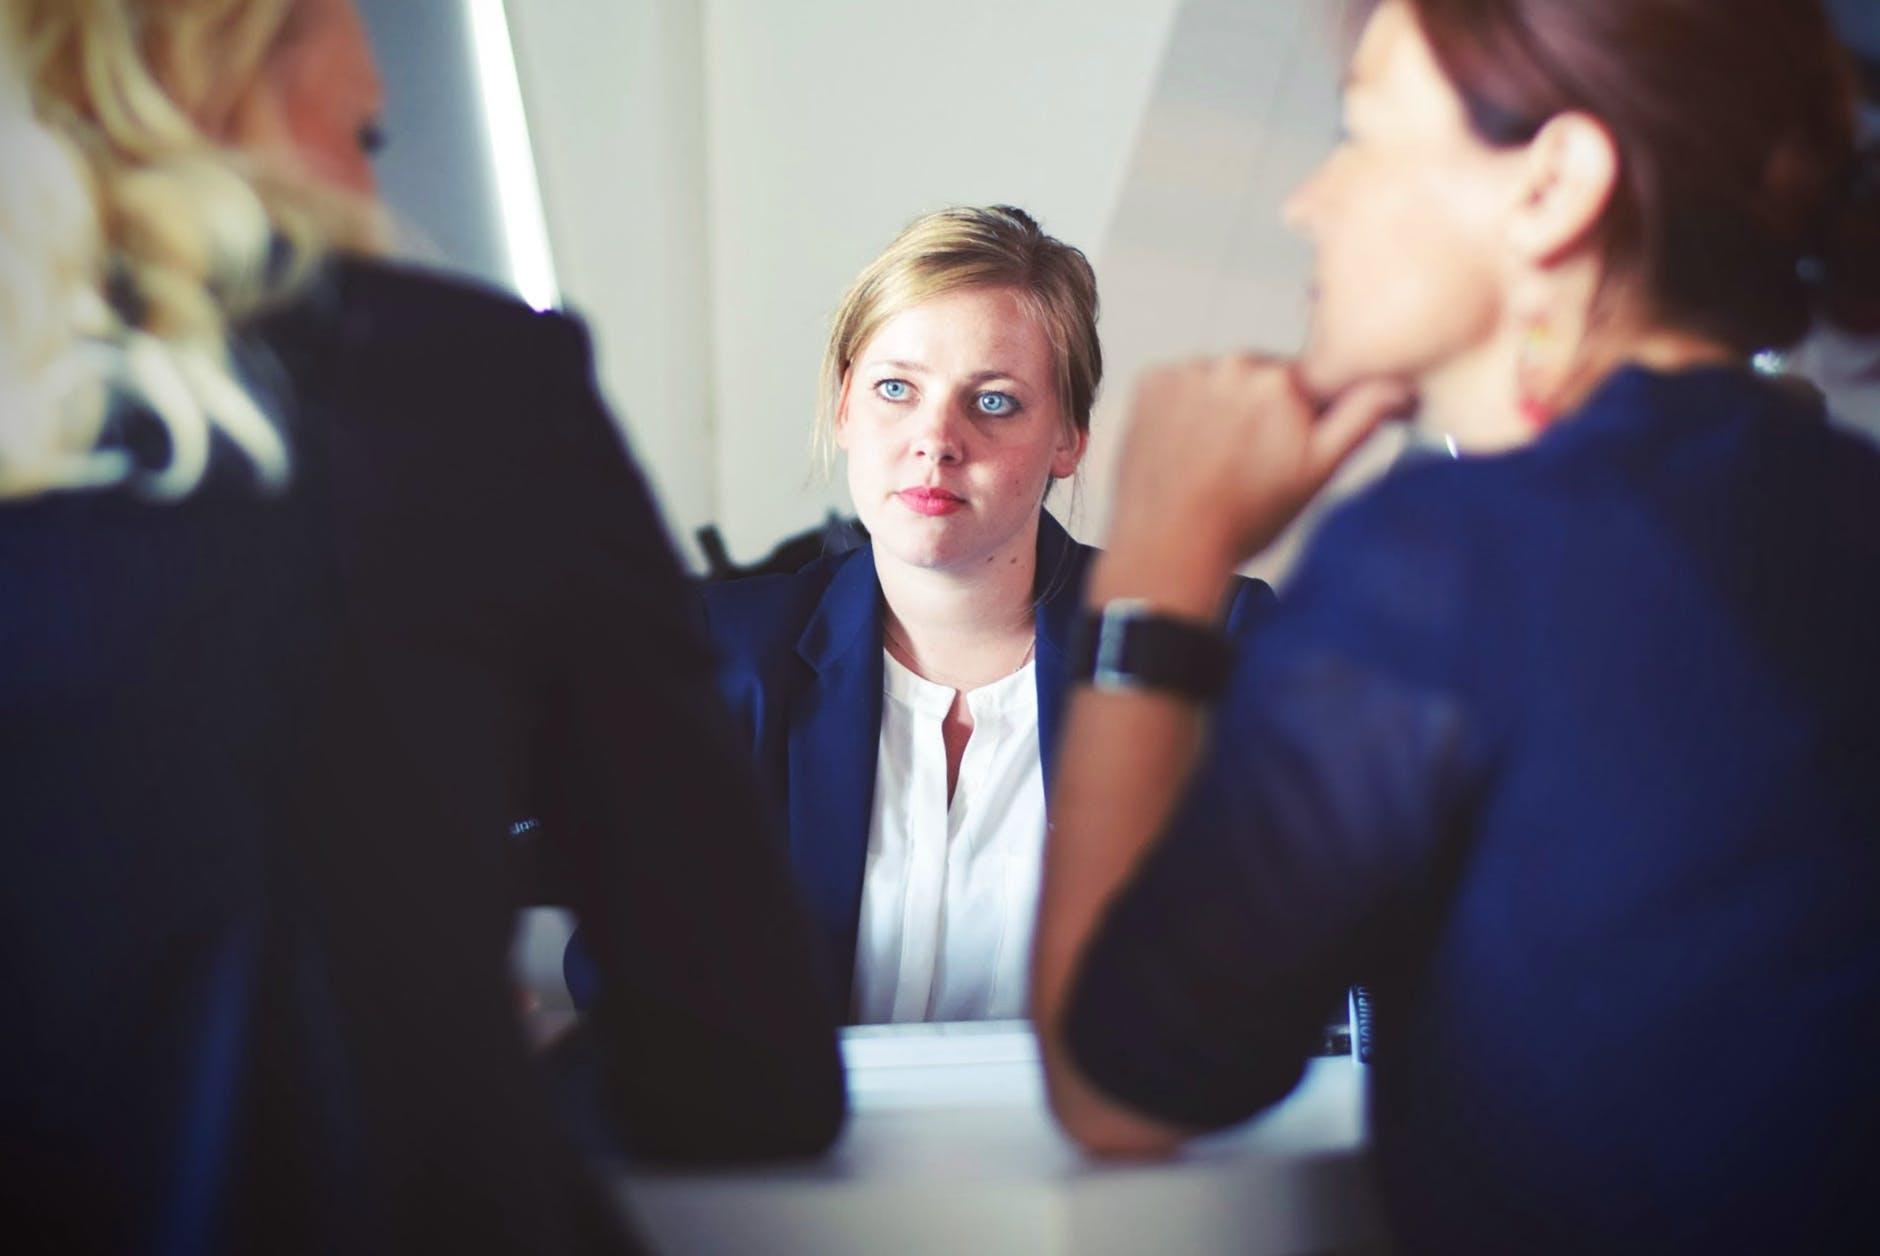 ¿Qué puedo preguntar en una entrevista de trabajo?